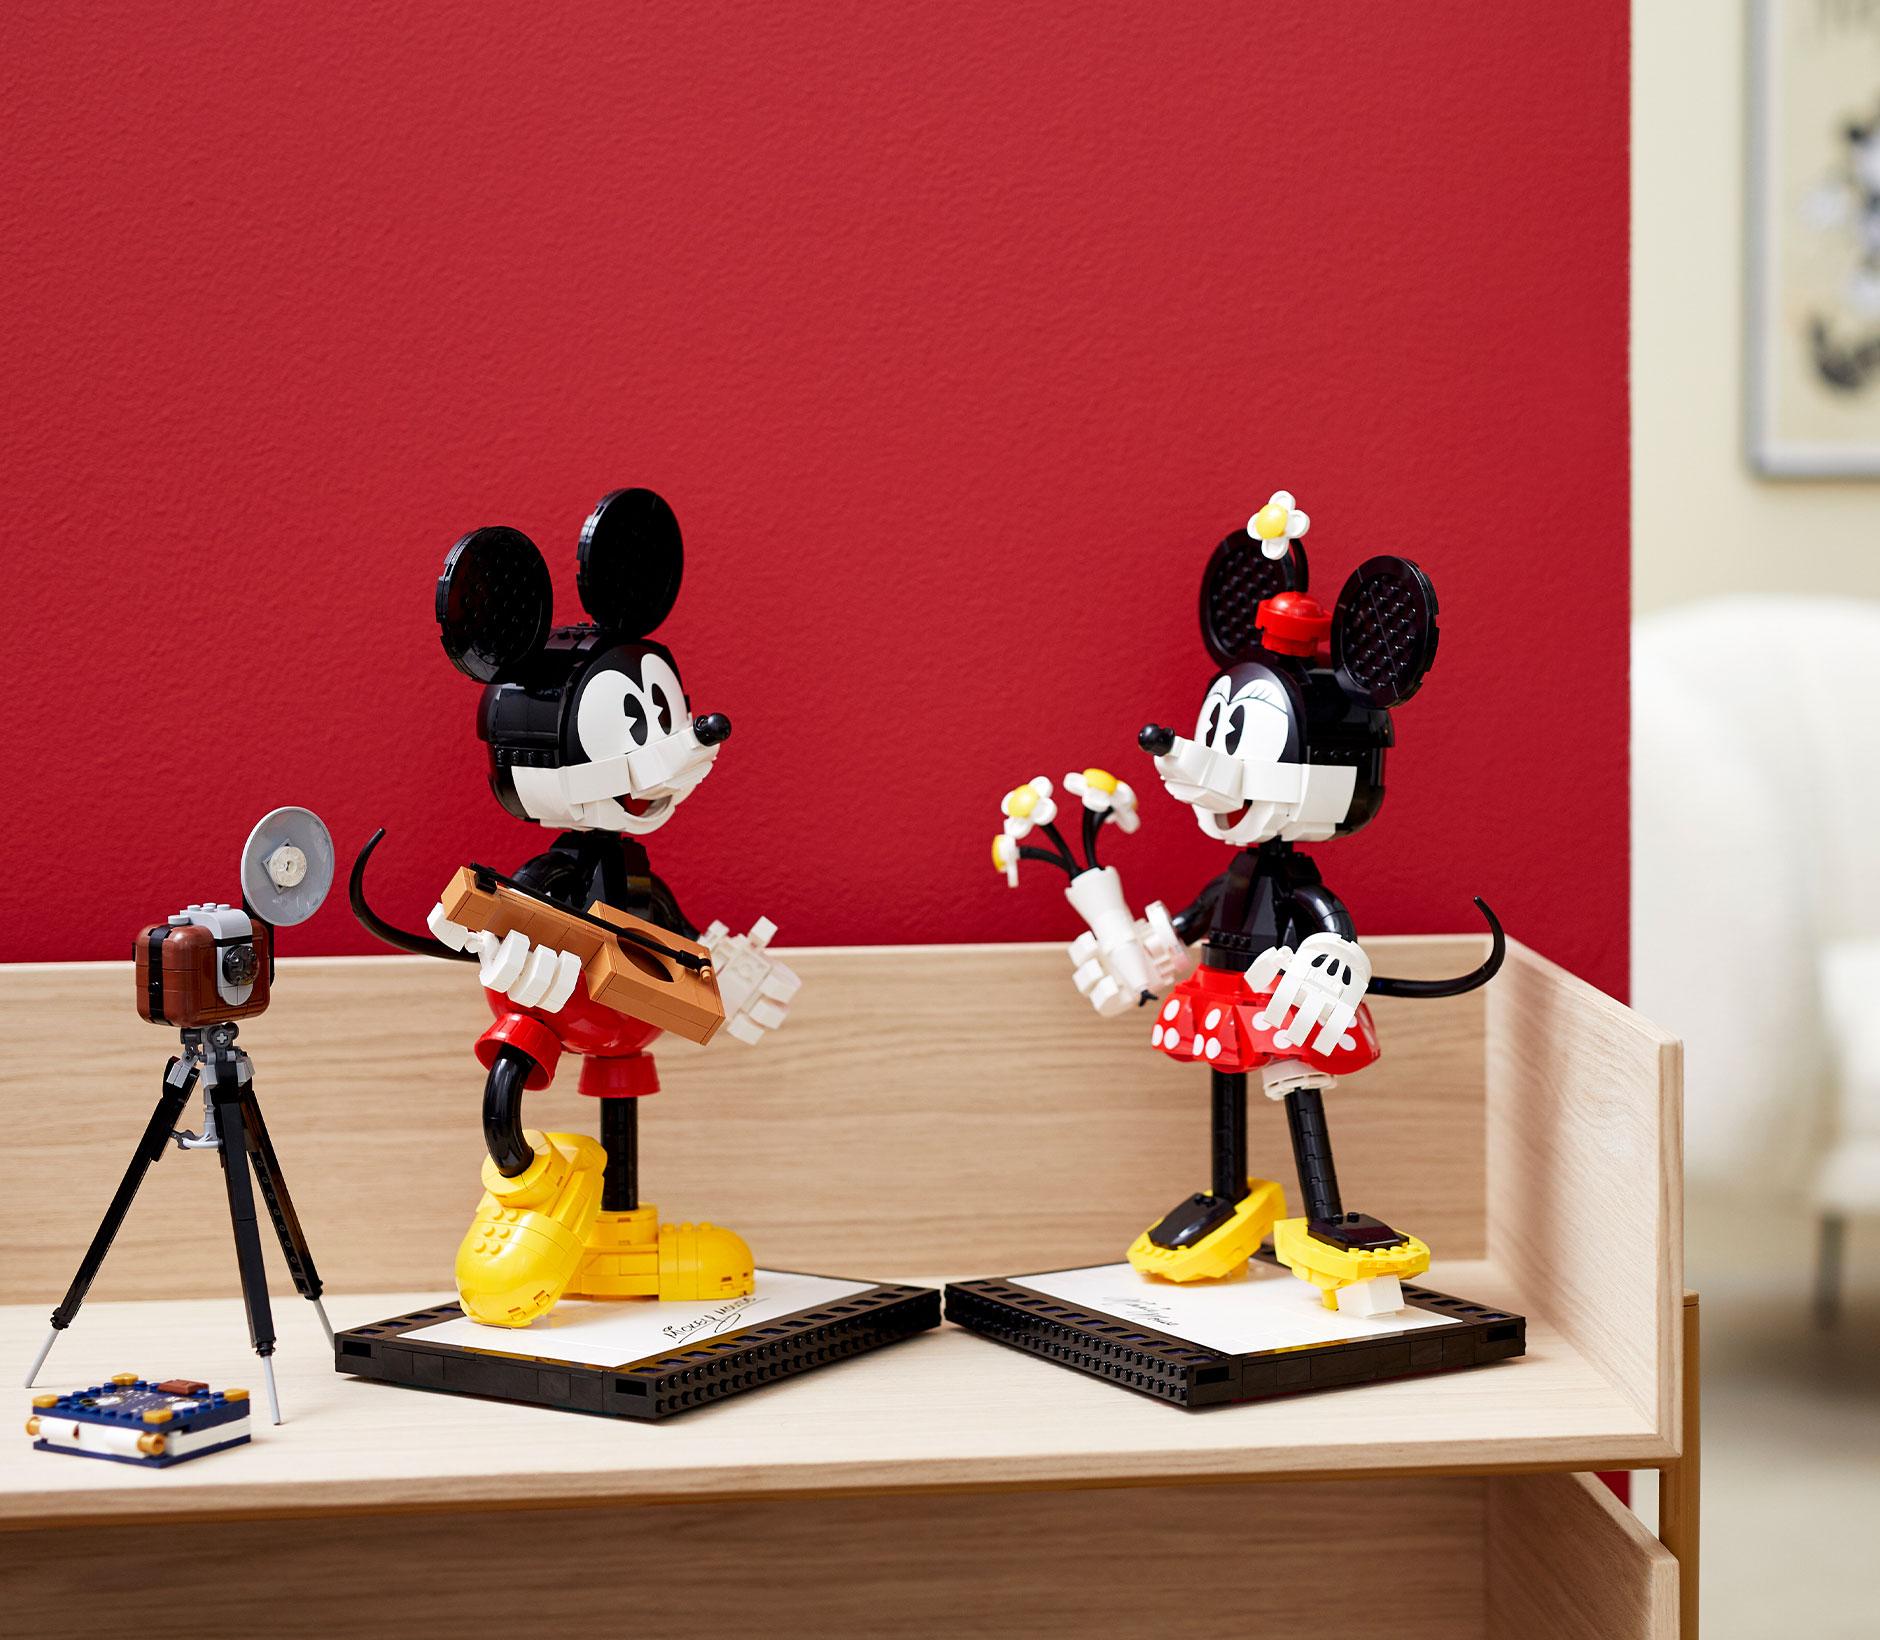 int-Mickey-Minnie